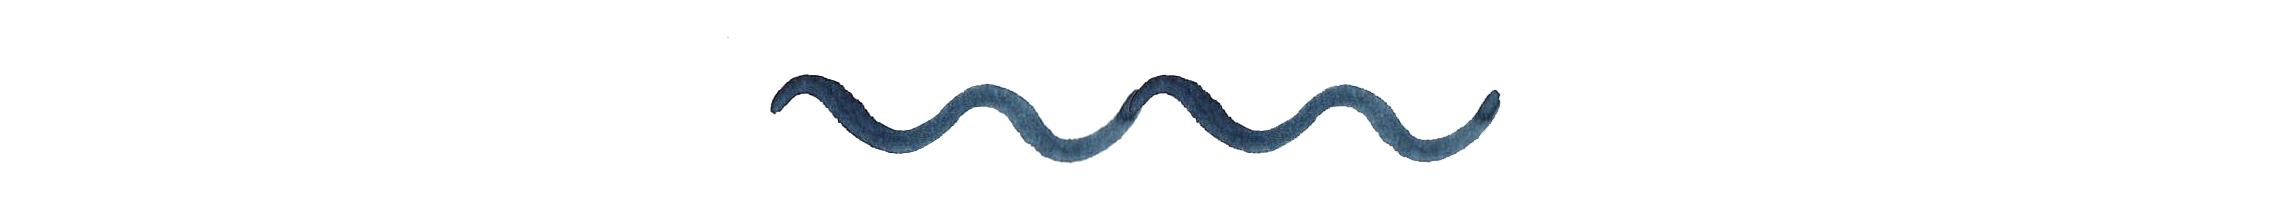 Welle lang.jpg